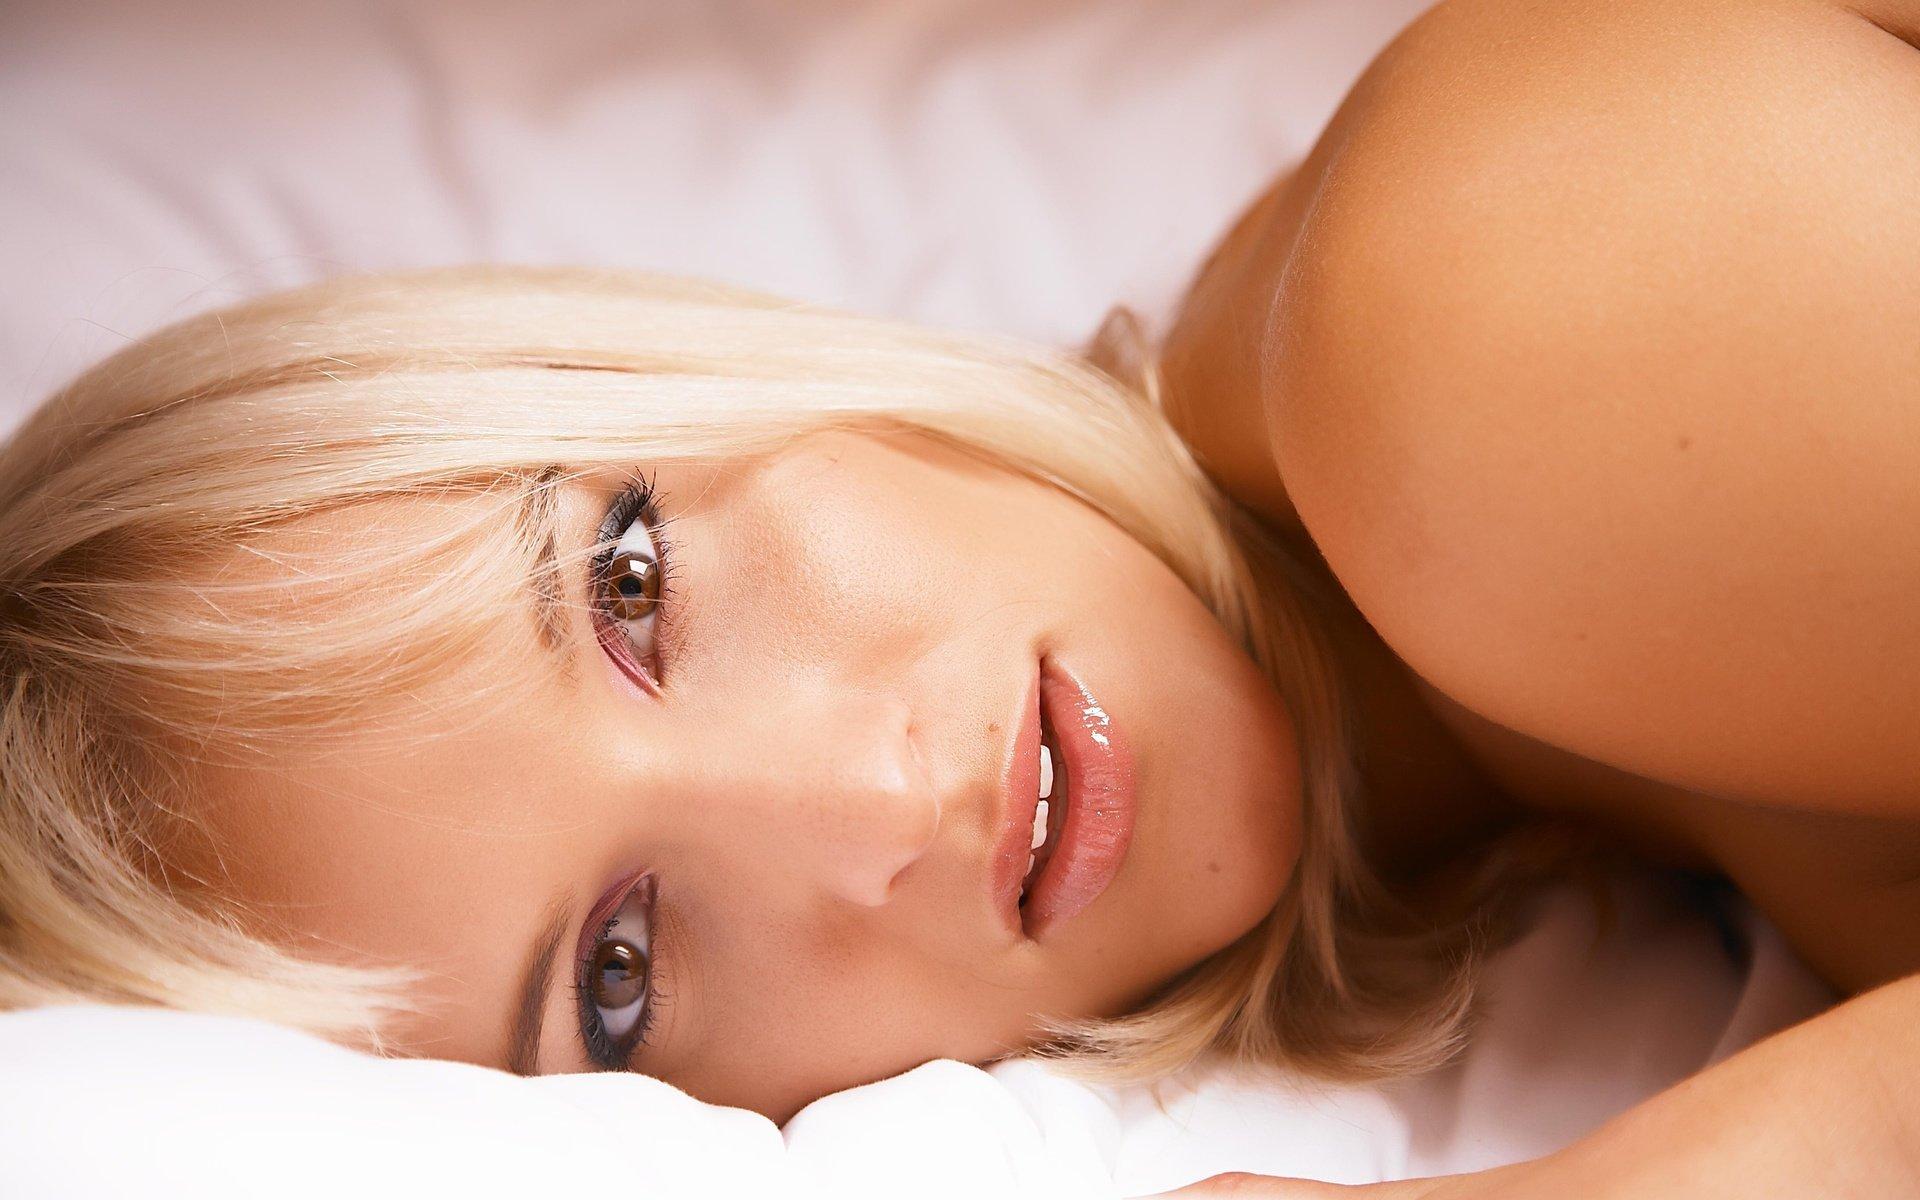 Секс с красивыми бландинками, Блондинки порно - пикантный Секс с Блондинкой на 19 фотография